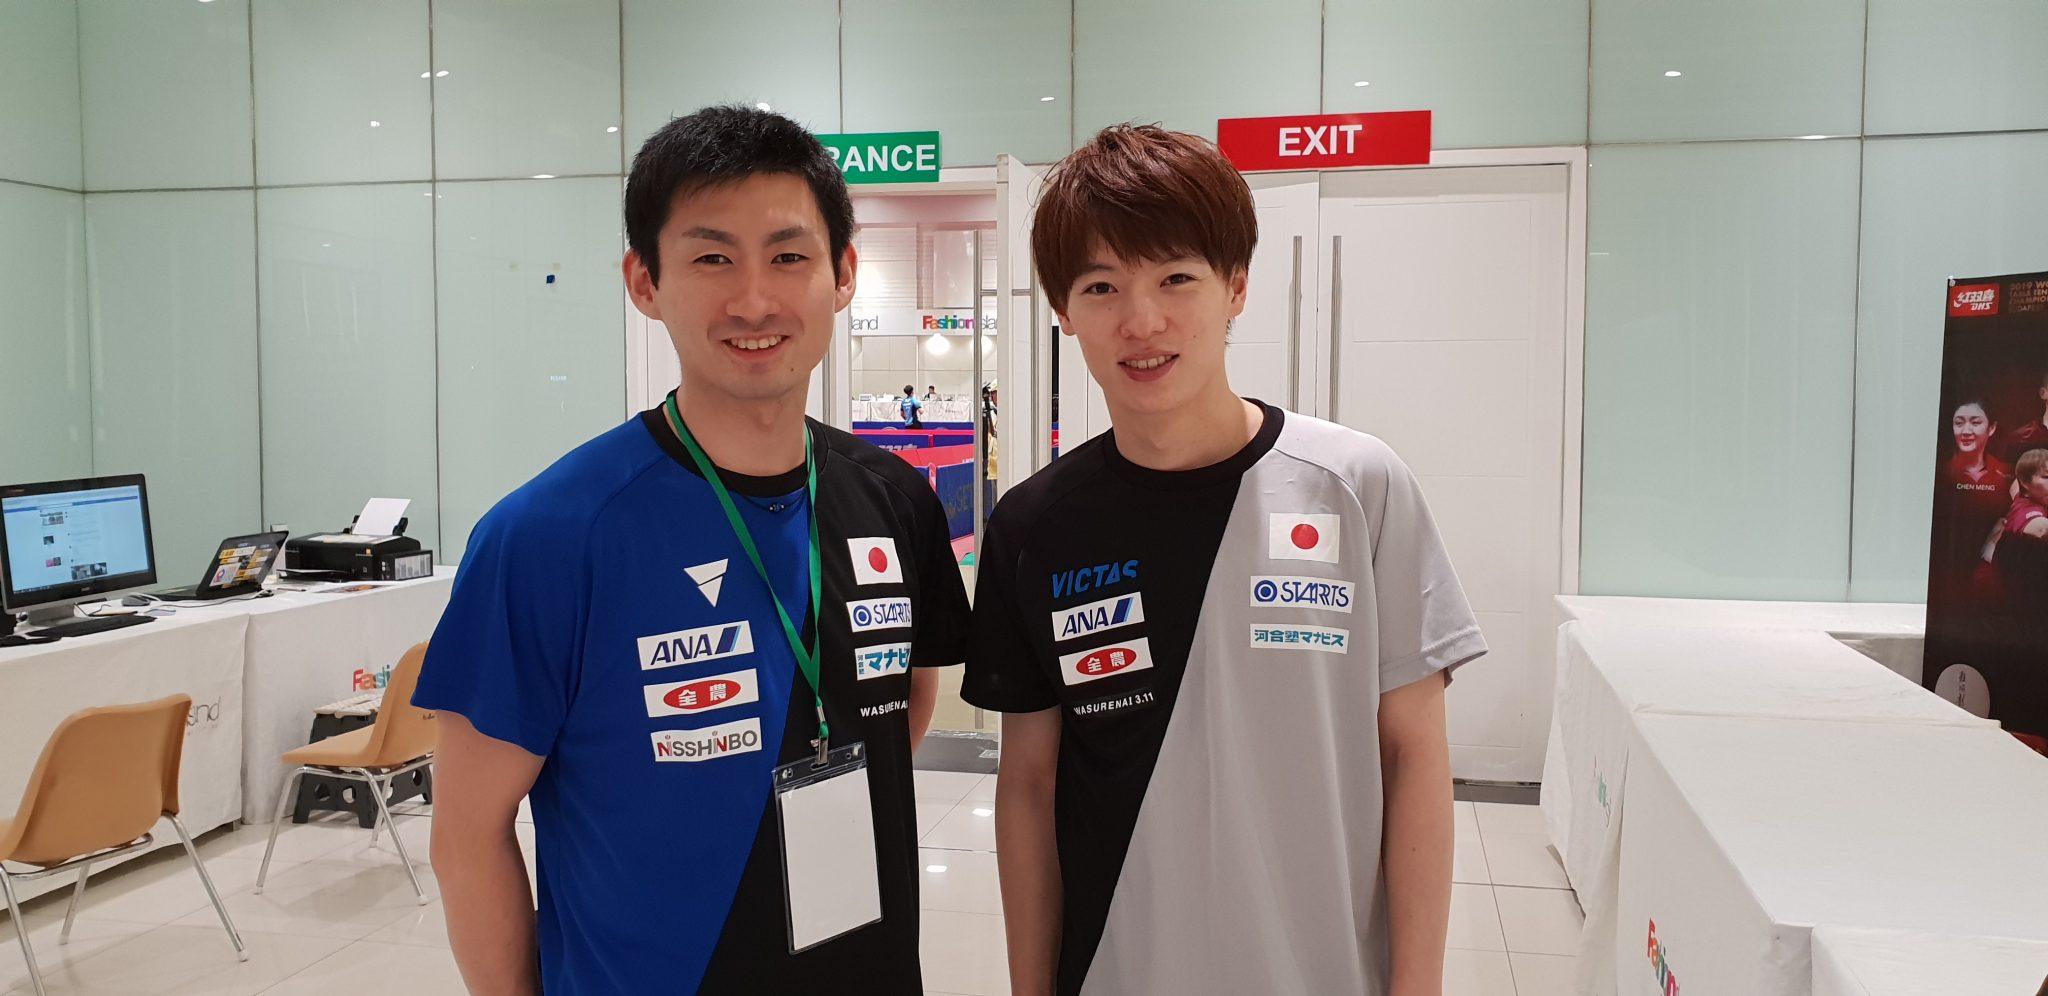 【ITTF ワールドツアー タイオープン】明日から決勝トーナメントです。